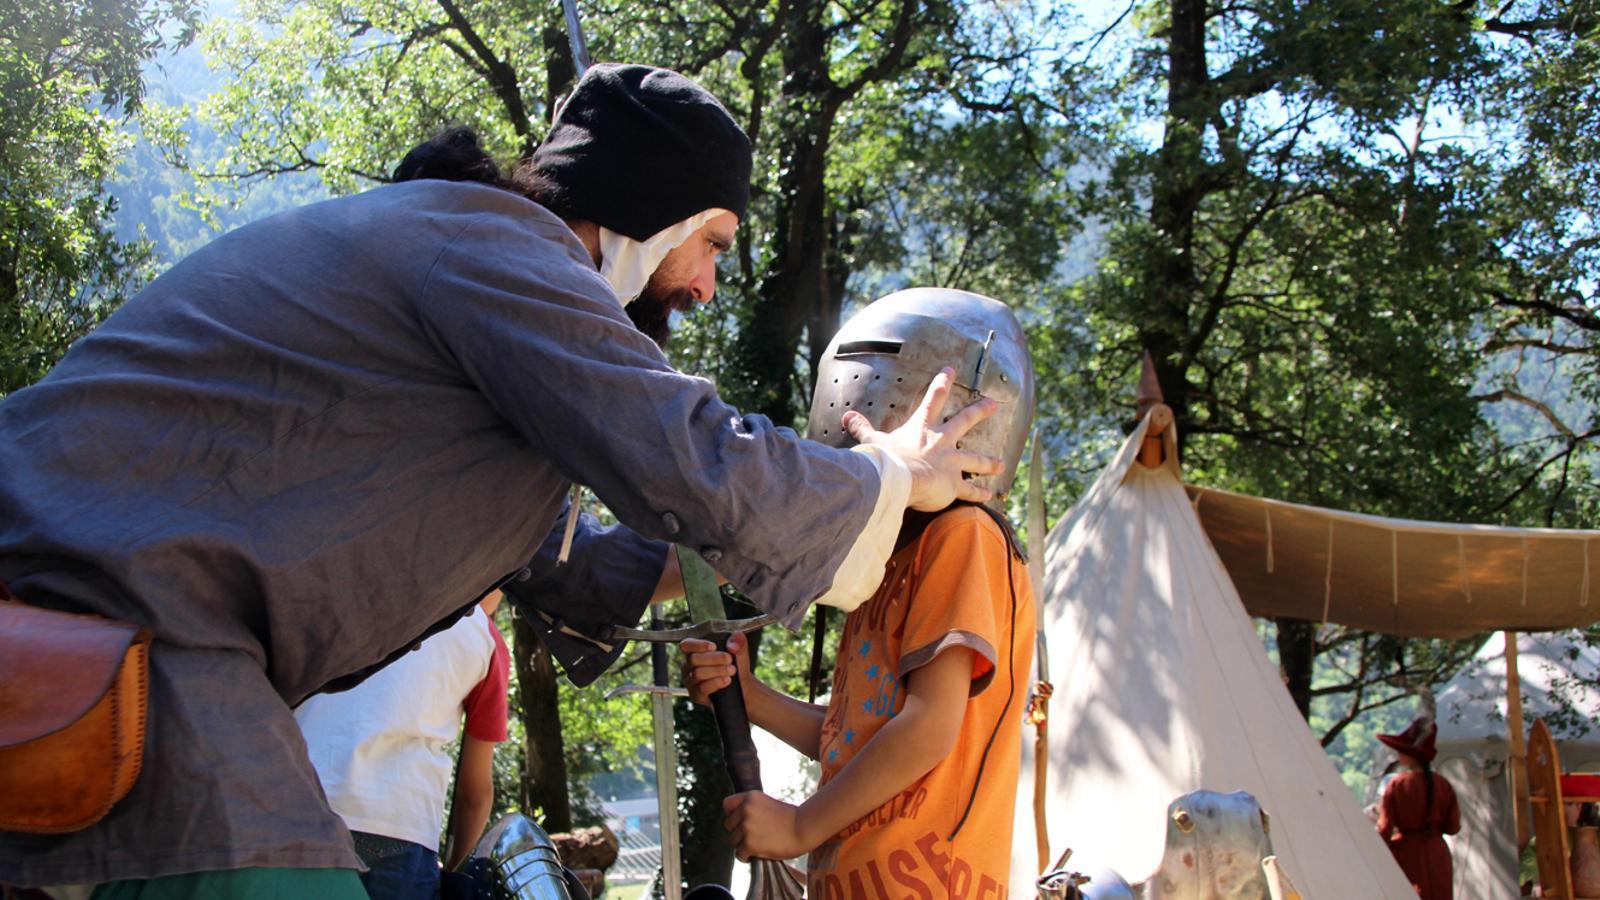 Activitats interactives per a les nenes i nens a l'Andosinoi. T. N. (ANA)